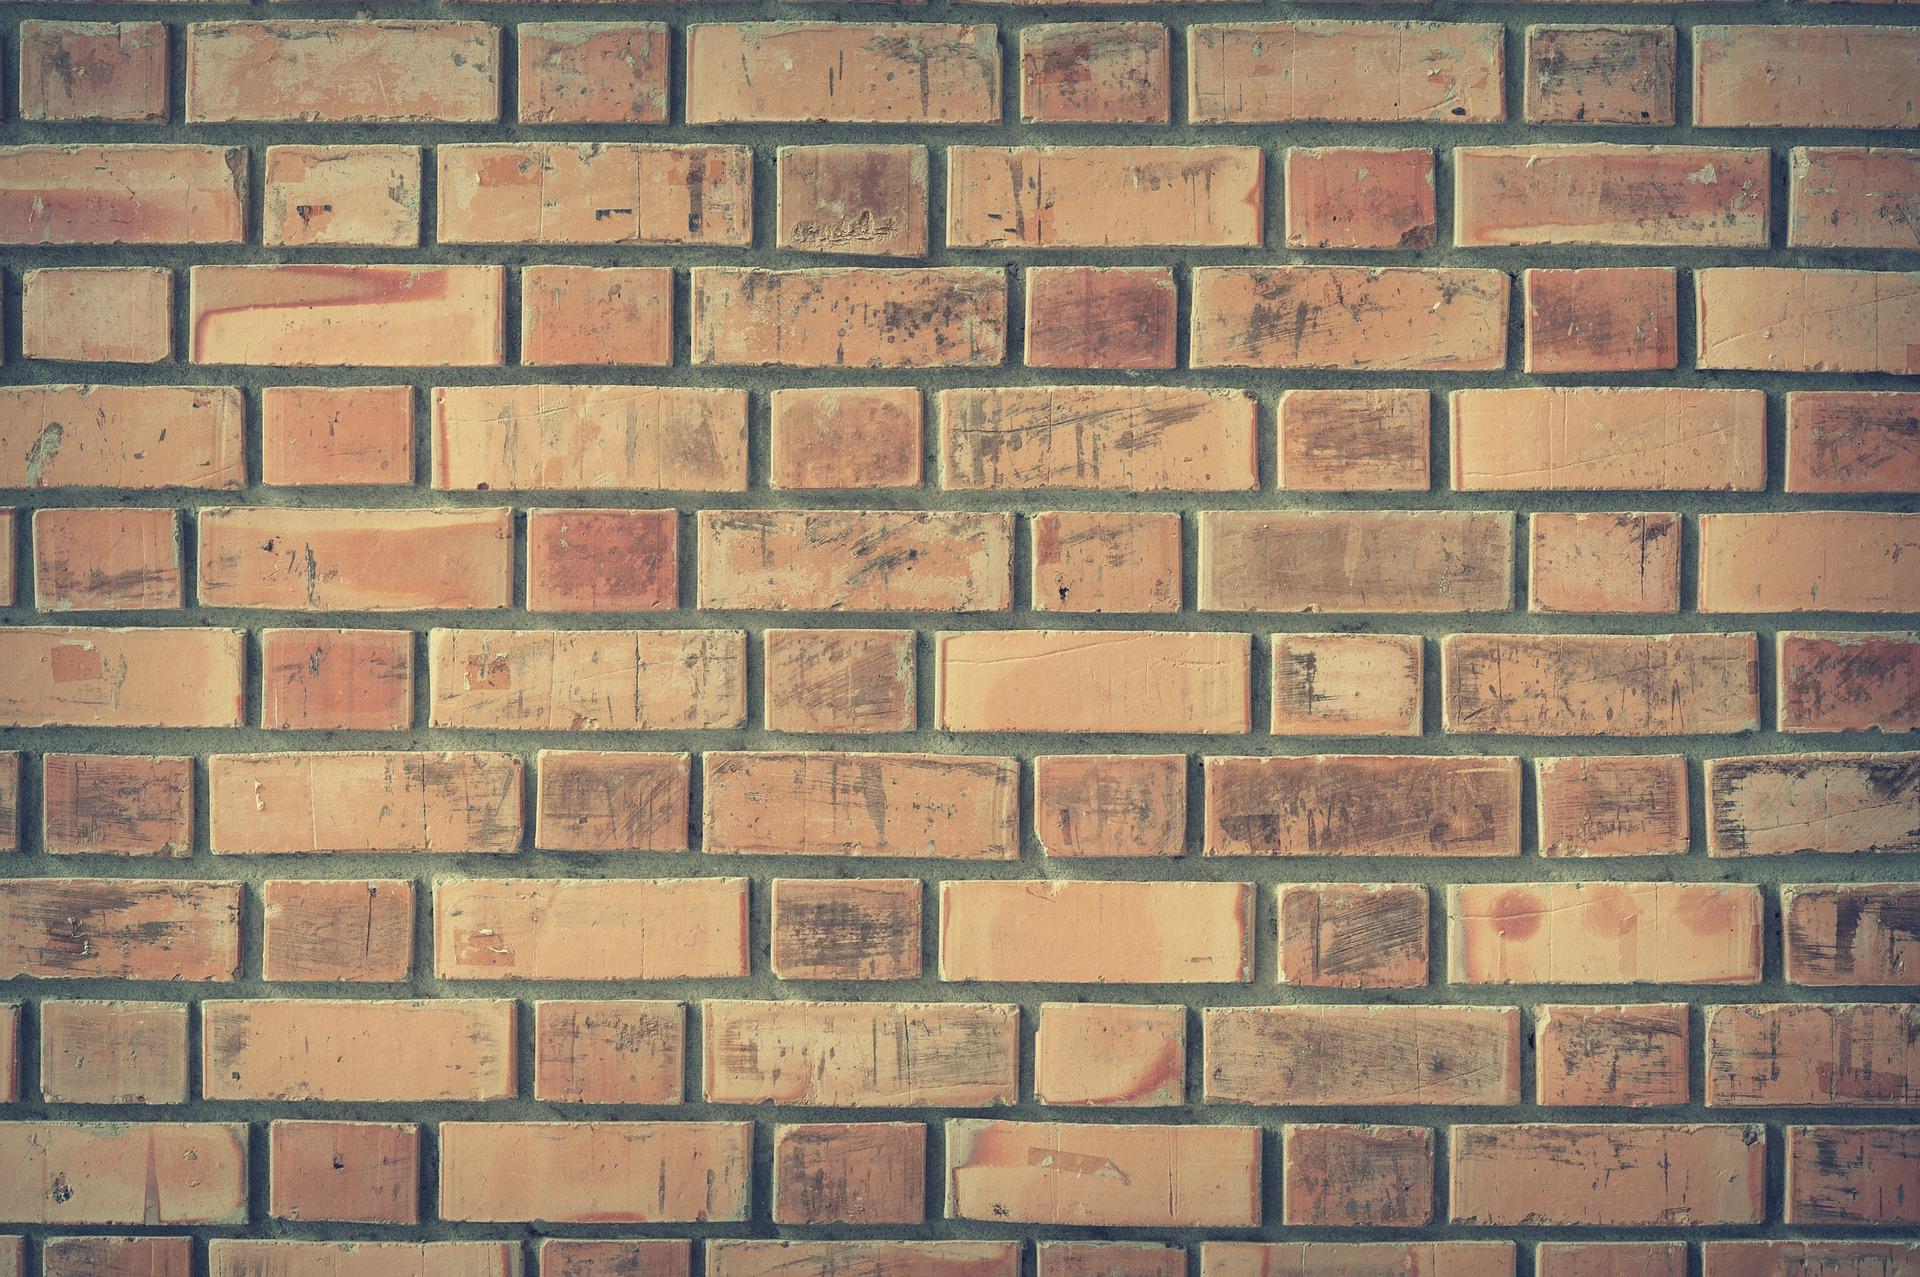 bricks-1846866_1920